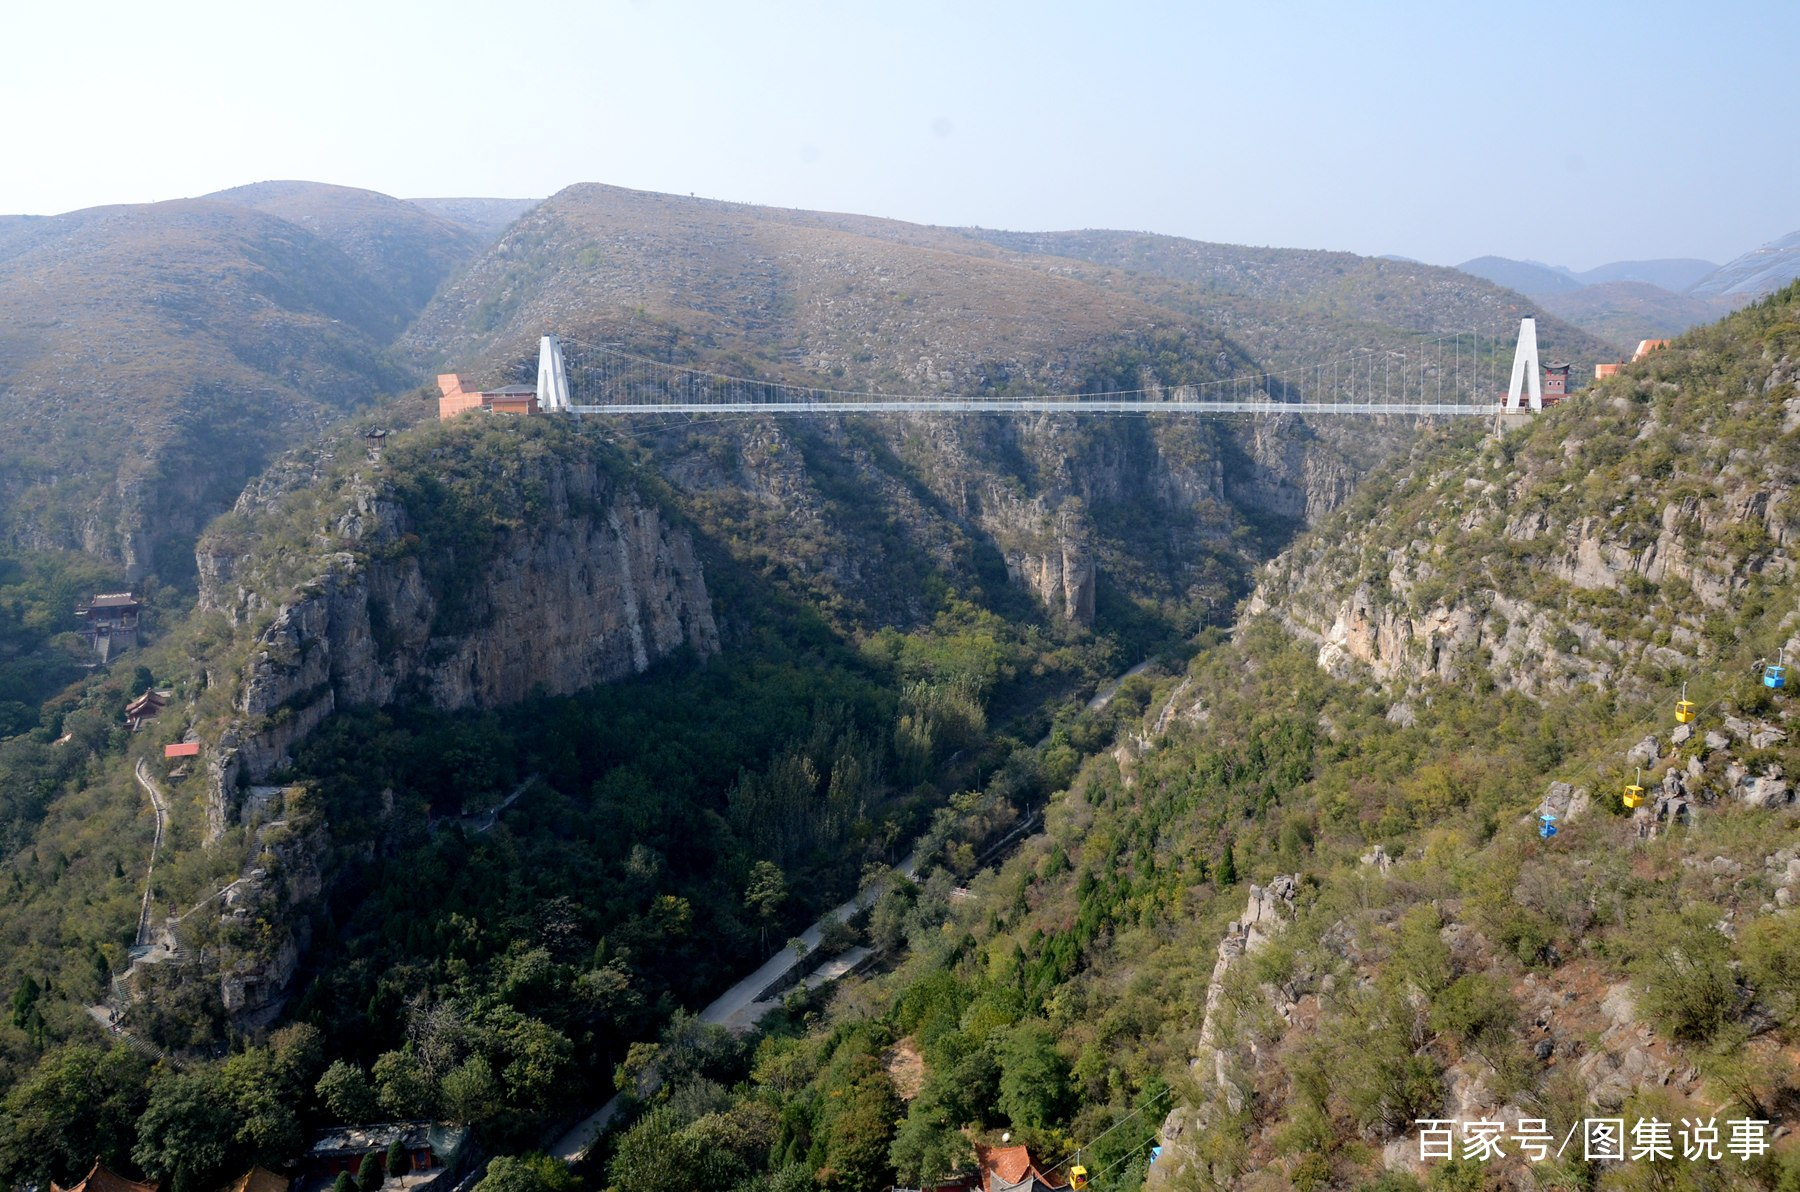 我家孩子听小伙伴说玻璃吊桥很好玩,就告诉我想去看看。于是,周末,我和媳妇,带两儿子来到了鹤壁市古灵山景区。  从我们家安阳市道口镇,开车1个小时就到能到。河南省鹤壁市灵山玻璃吊桥长288米,垂直高度达126米,以奇险、刺激著称,是豫北地区最长的玻璃吊桥。门票30元。  这是别家的孩子,一个男孩看起来有点害怕,用手扶着一边的栏杆,不敢迈步,被一边姐姐嘲笑。  第一次上玻璃吊桥,好奇地低头往下看,双腿确实不由自主地发软。两个孩子却一点也不害怕。他们选择爬着走,只是觉得好玩。爬一阵,站起来跑一阵,玩的很开心。